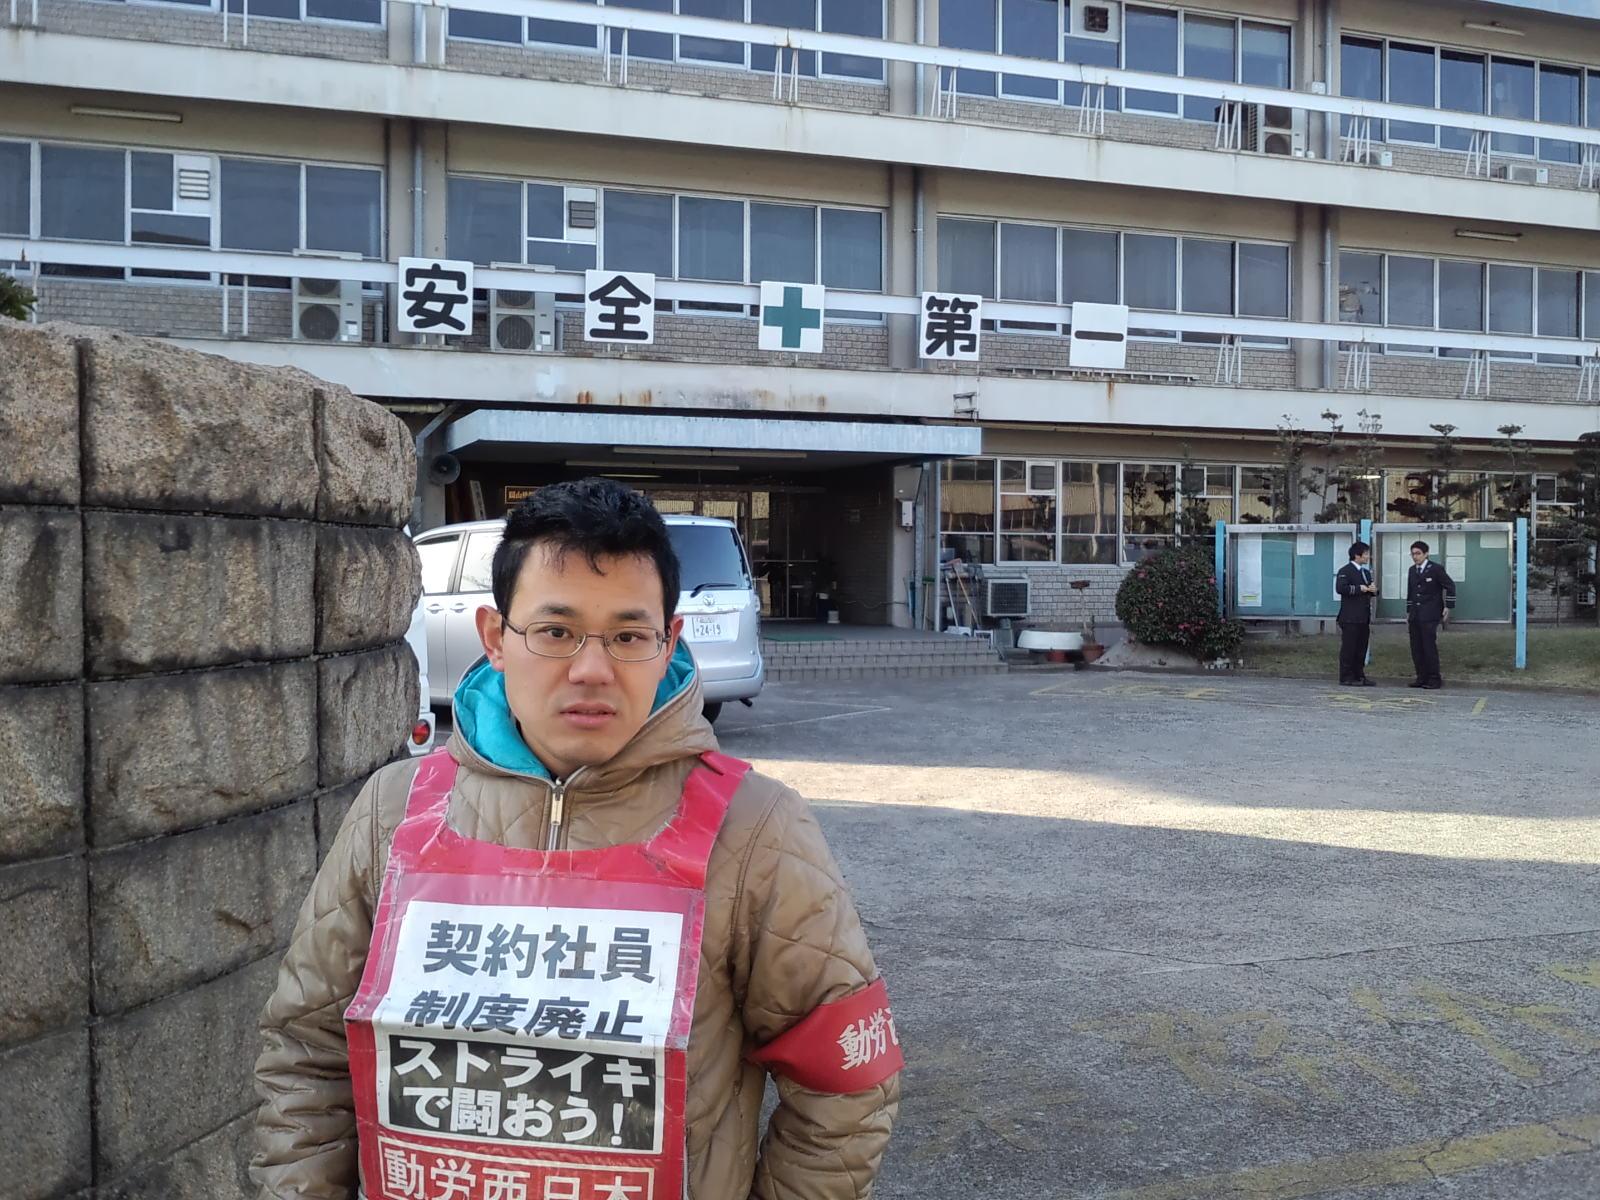 岡山機関区で朝ビラ_d0155415_1515827.jpg